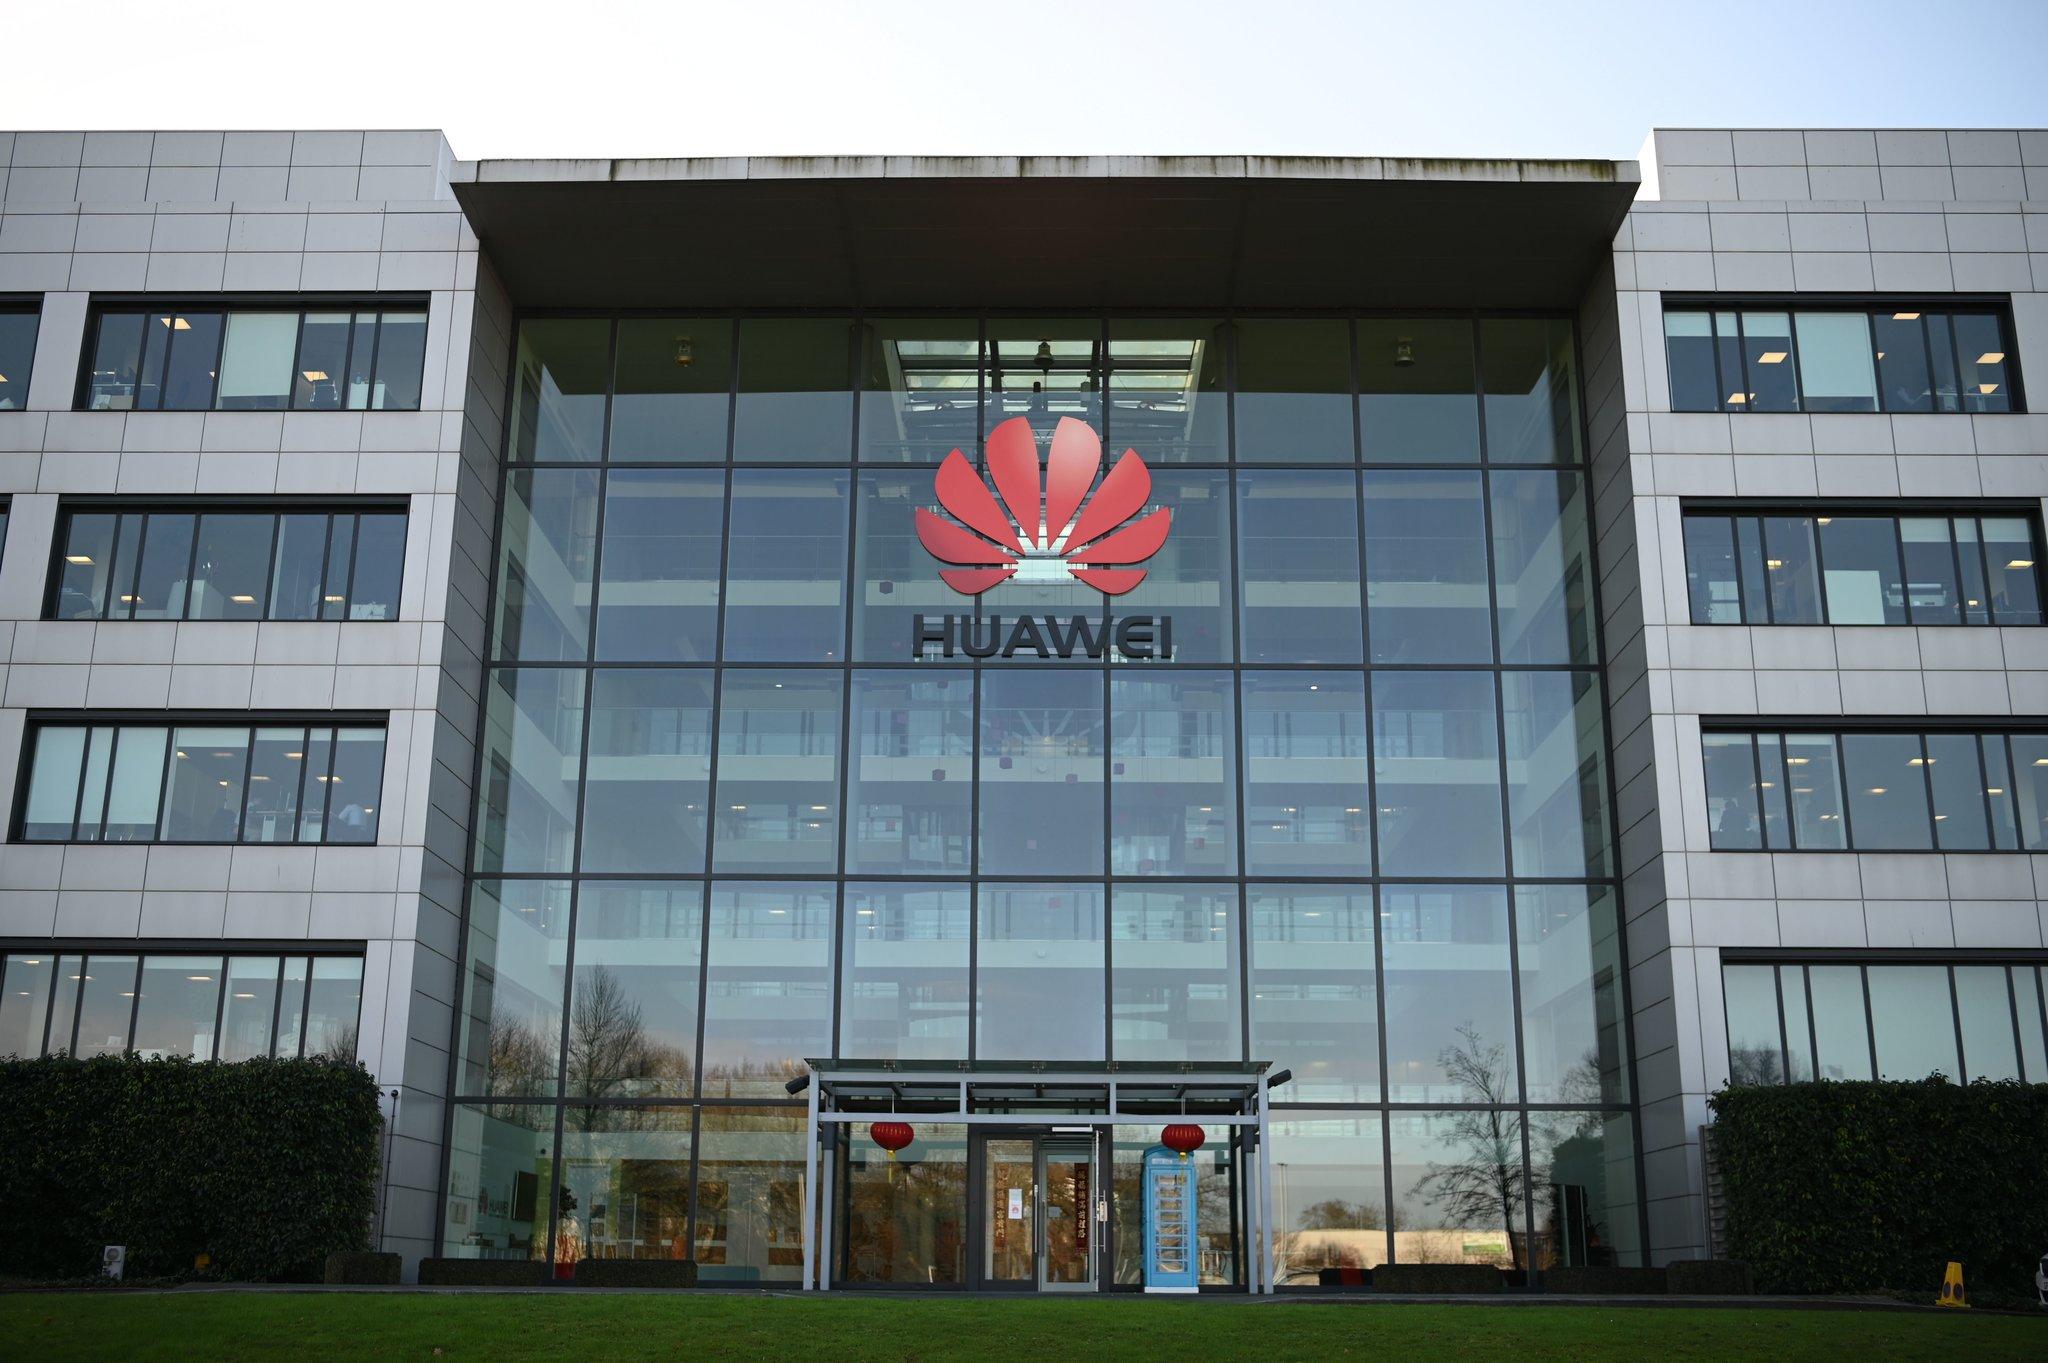 Anh chính thức cấm cửa Huawei, leo thang căng thẳng với Trung Quốc - 1